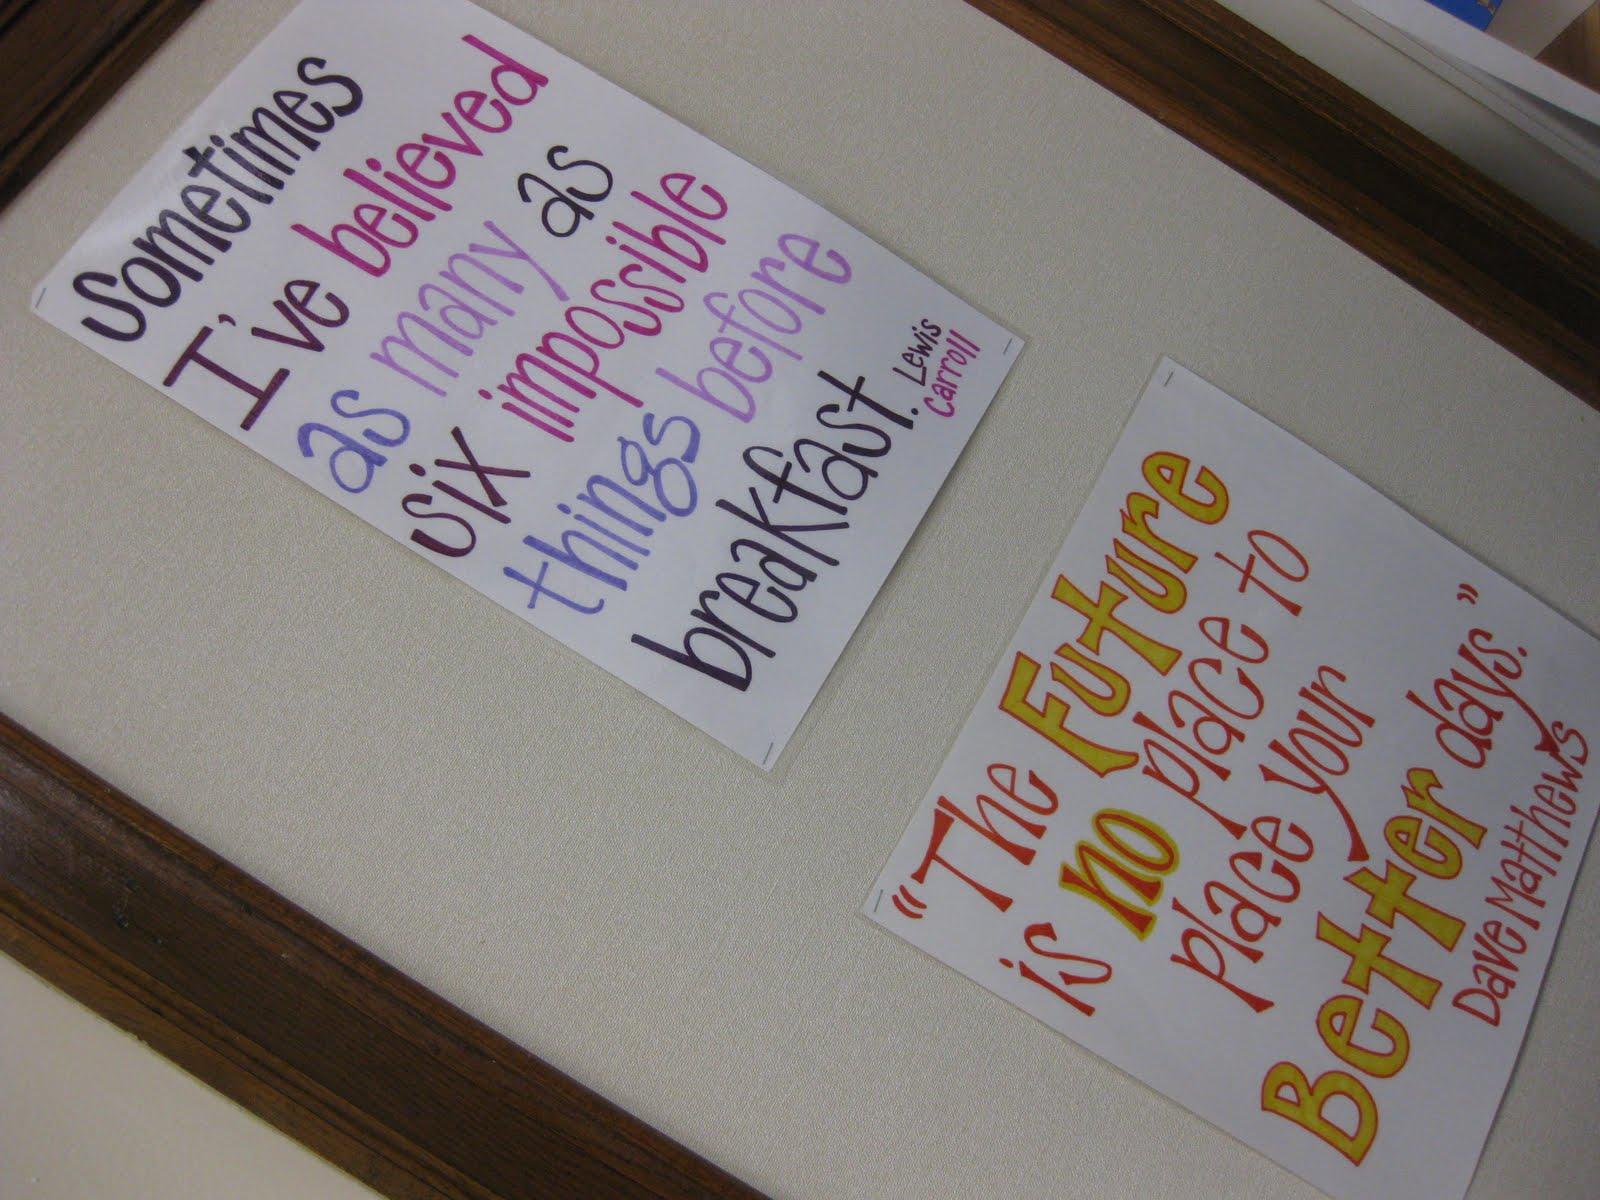 10 Gorgeous High School Basketball Poster Ideas homemade basketball posters ideas swallow flies september tierra 1 2020